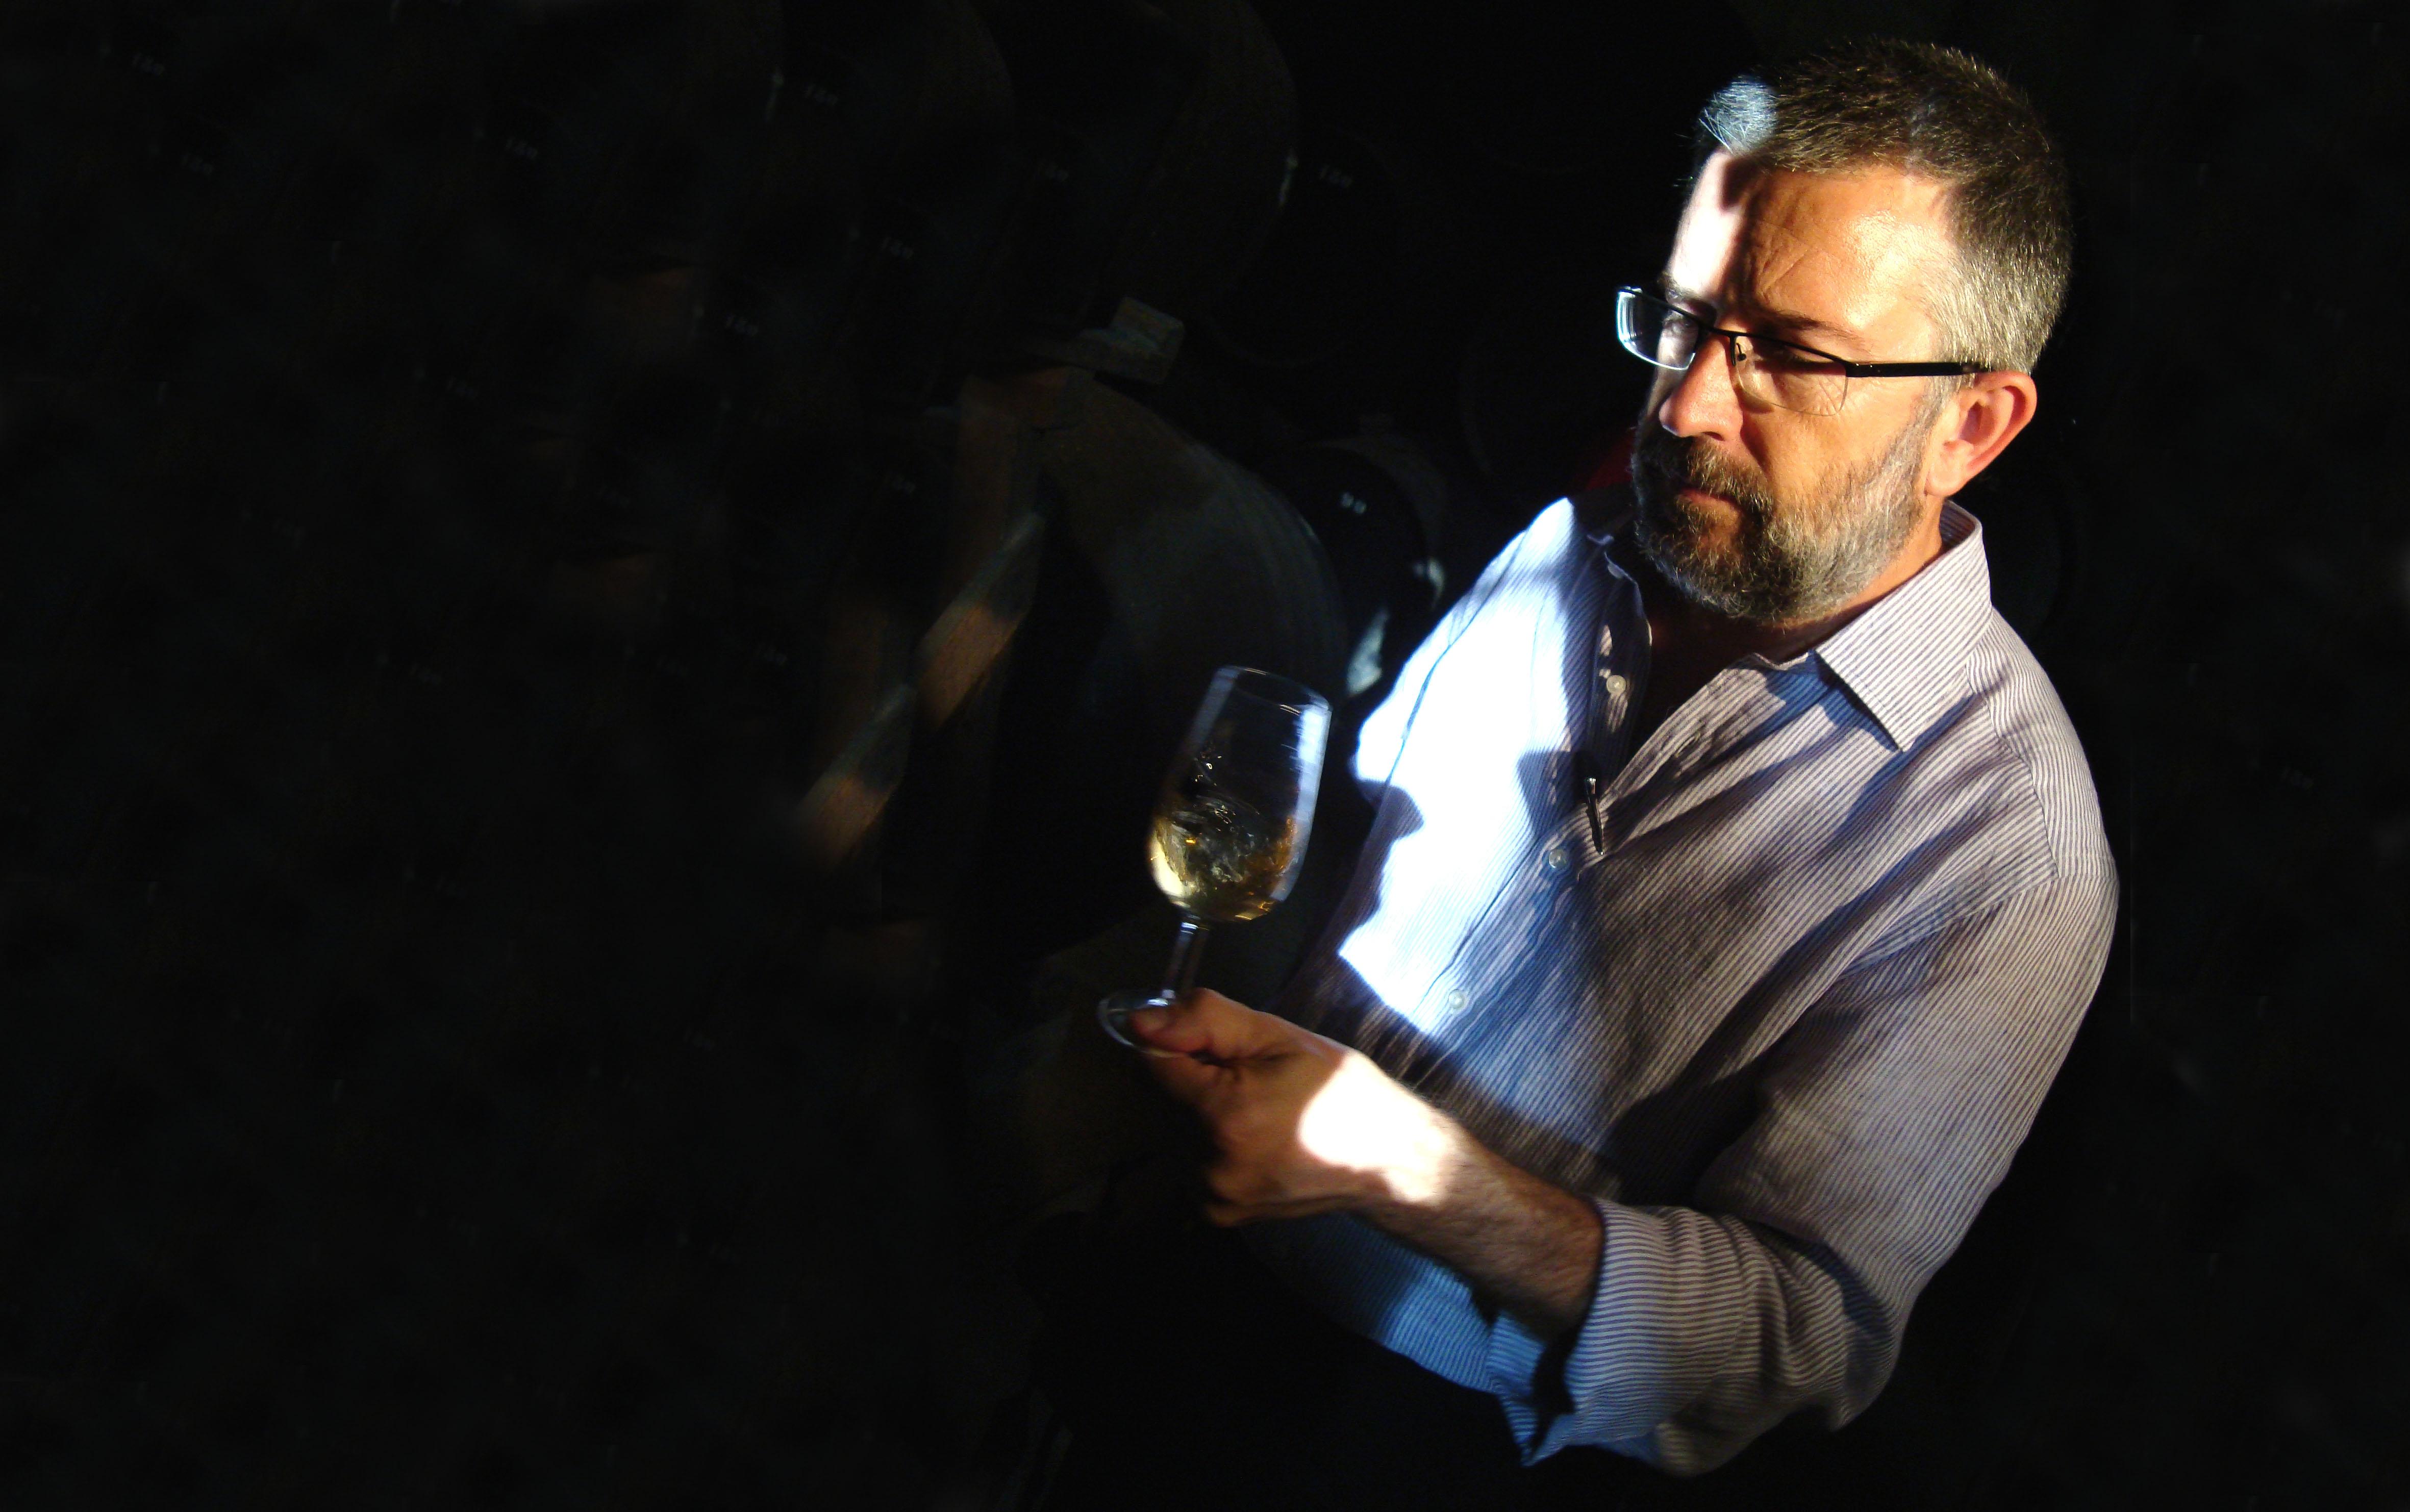 José Ferrer Embajador del vino de Jerez para la Gastronomía